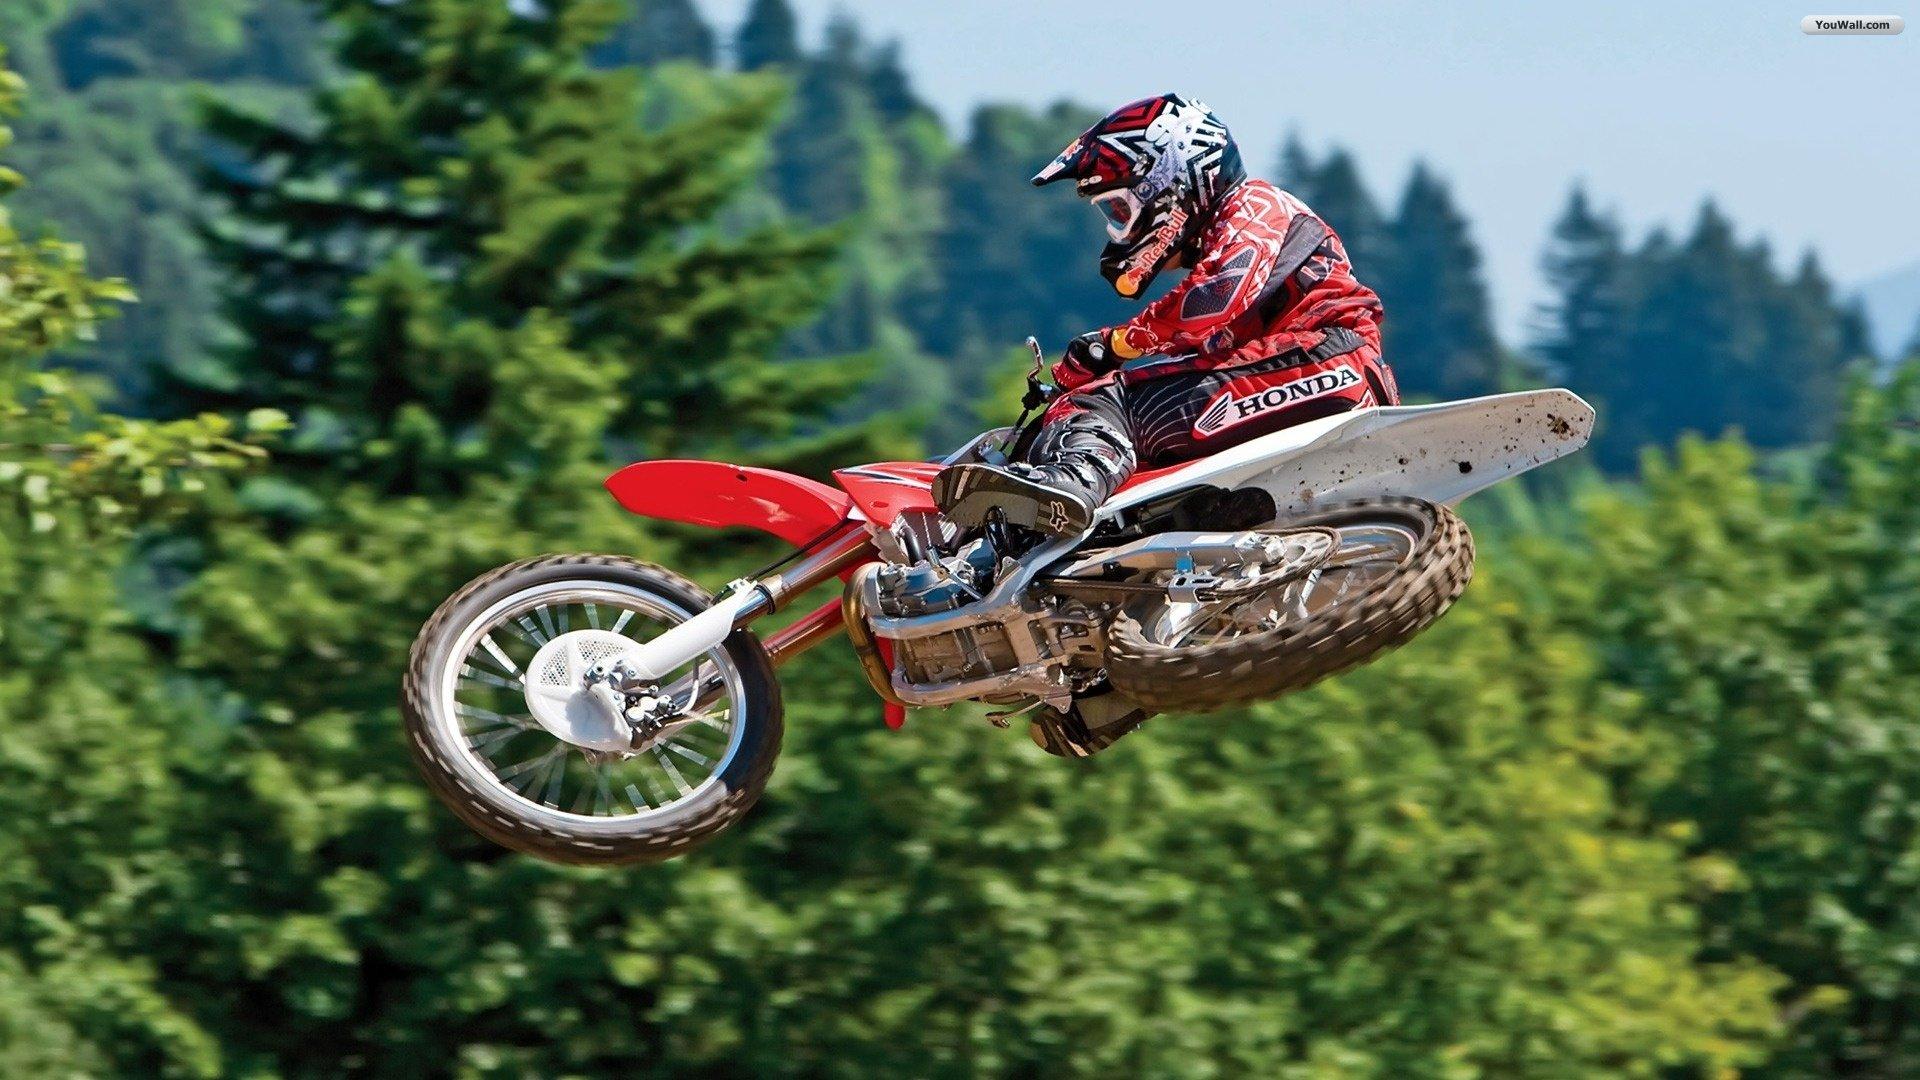 Motocross Jump Wallpaper